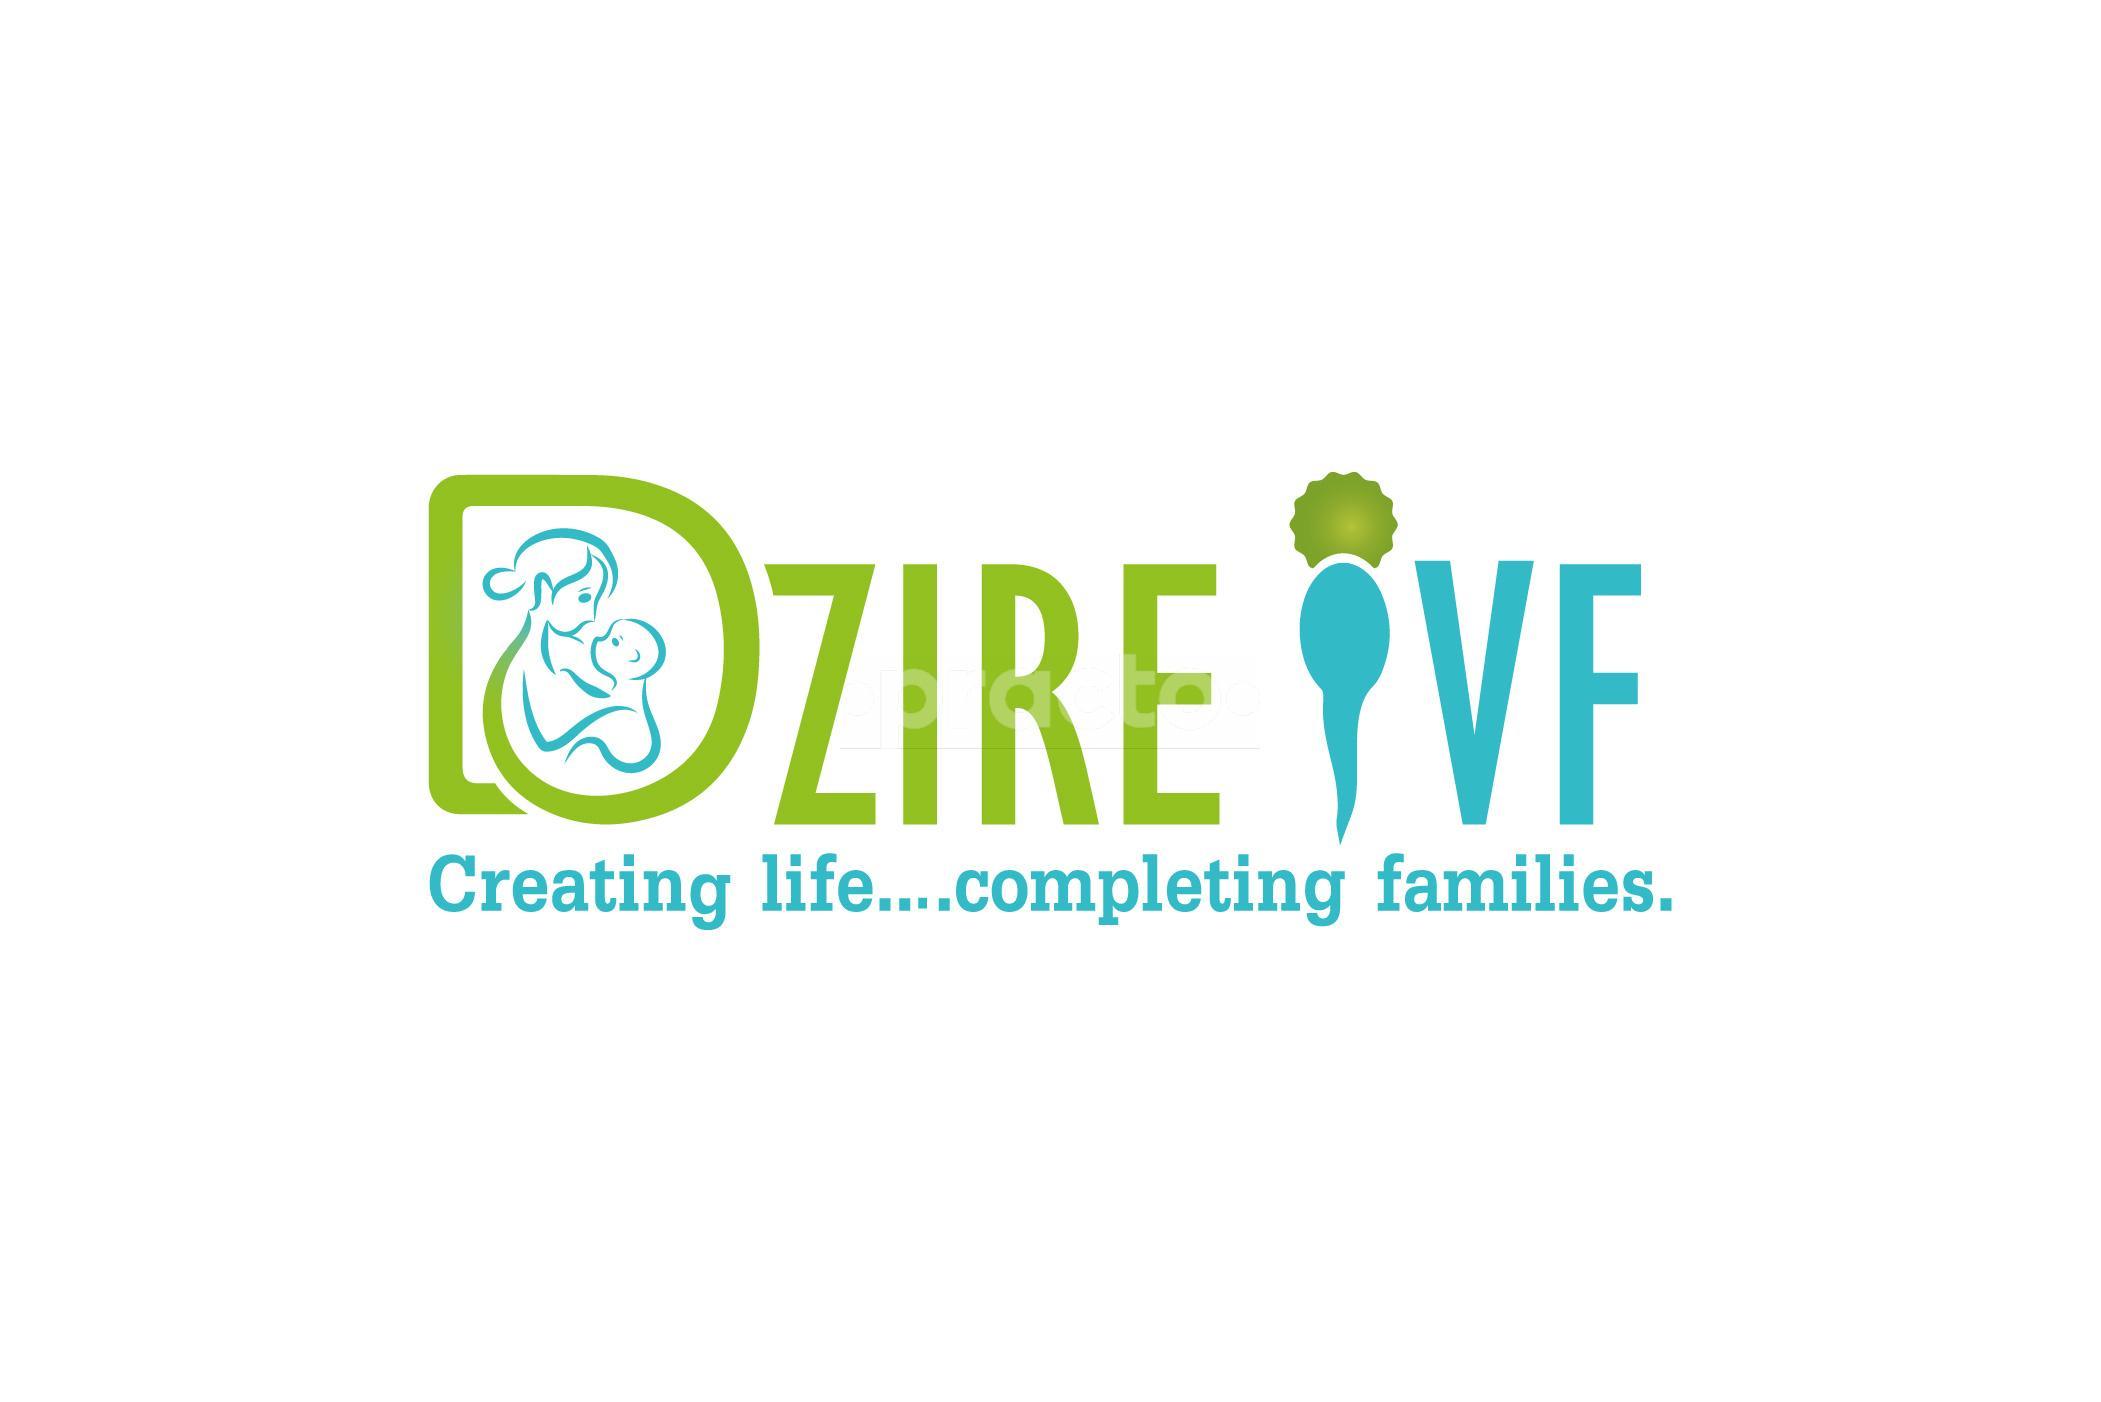 DZIRE IVF